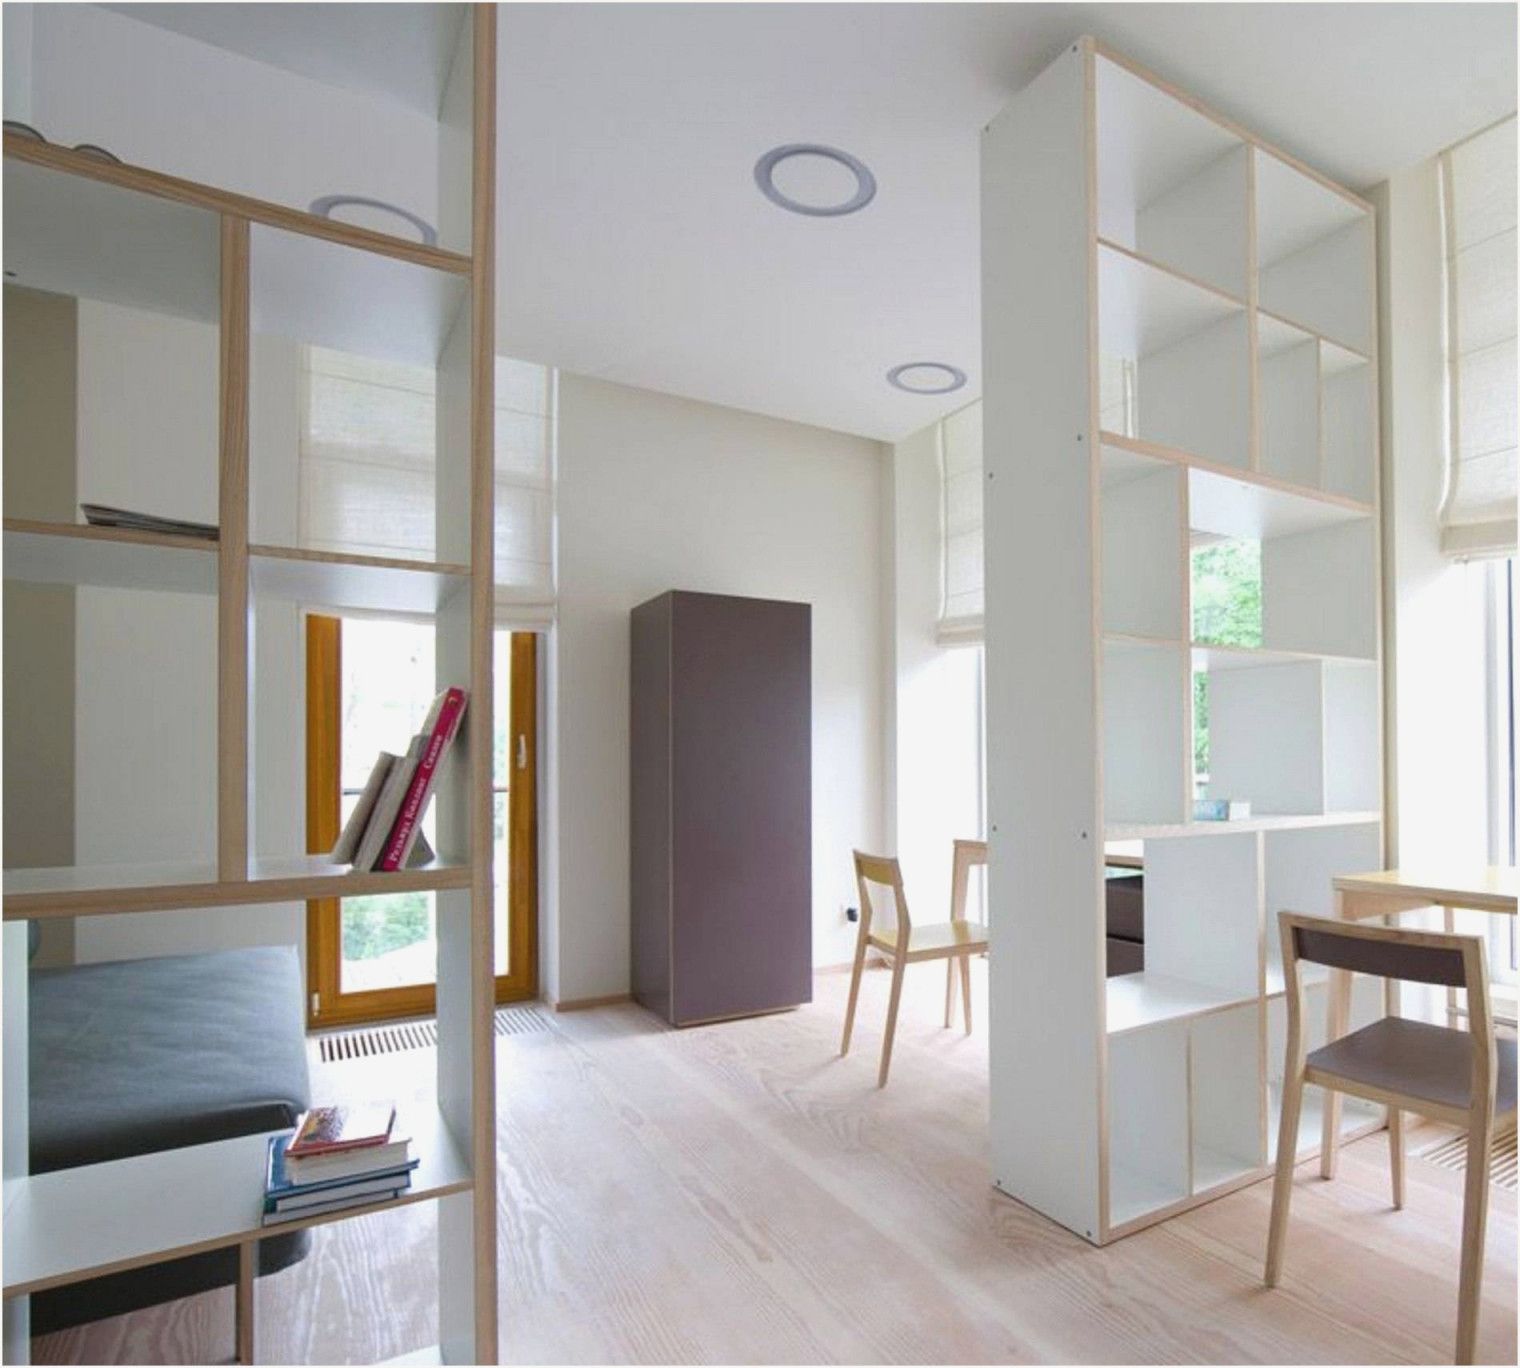 09Gartenmbelset Raumteiler Wohn Schlafzimmer von Raumteiler Ideen Wohnzimmer Schlafzimmer Bild